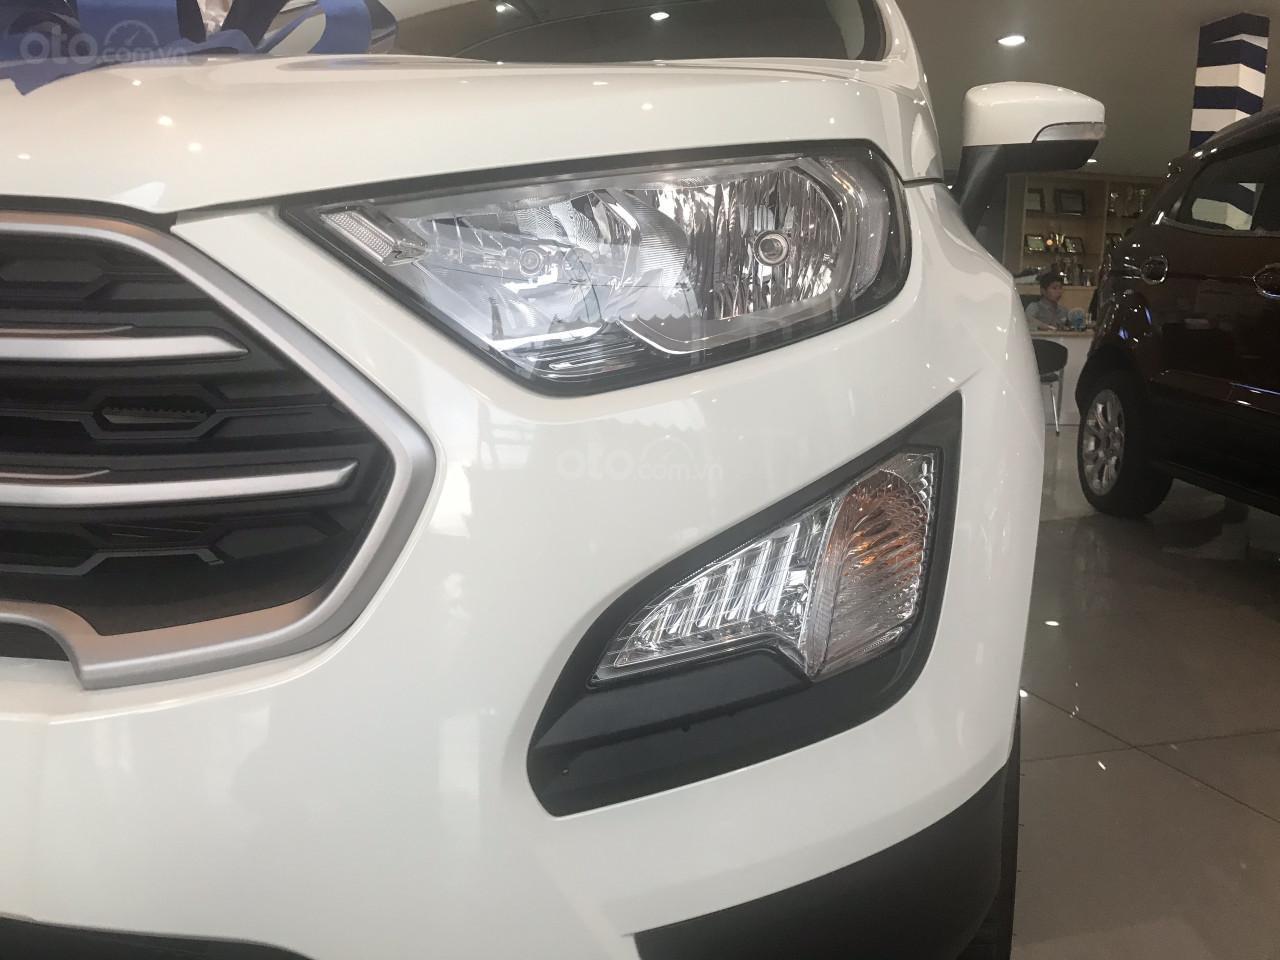 Bán xe Ford Ecosport 2019 - Mua xe tặng xe và hàng ngàn phần quà khác (2)